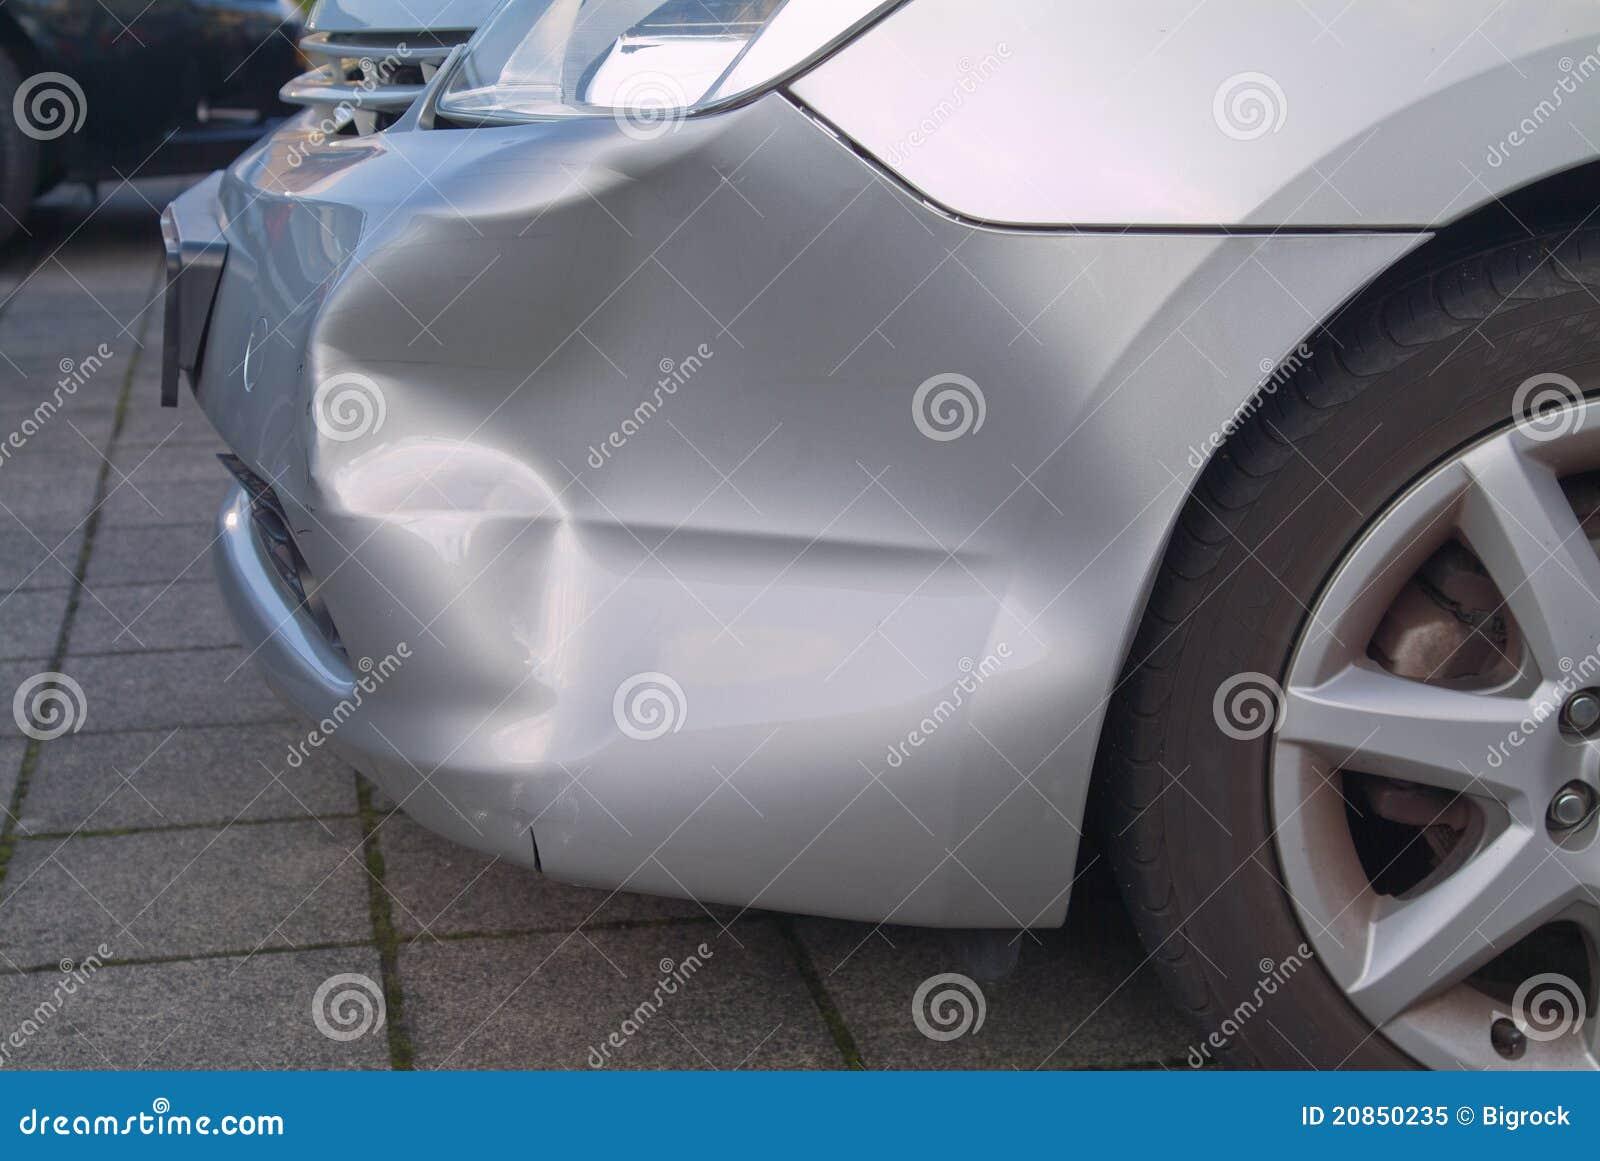 Une bosselure dans un véhicule